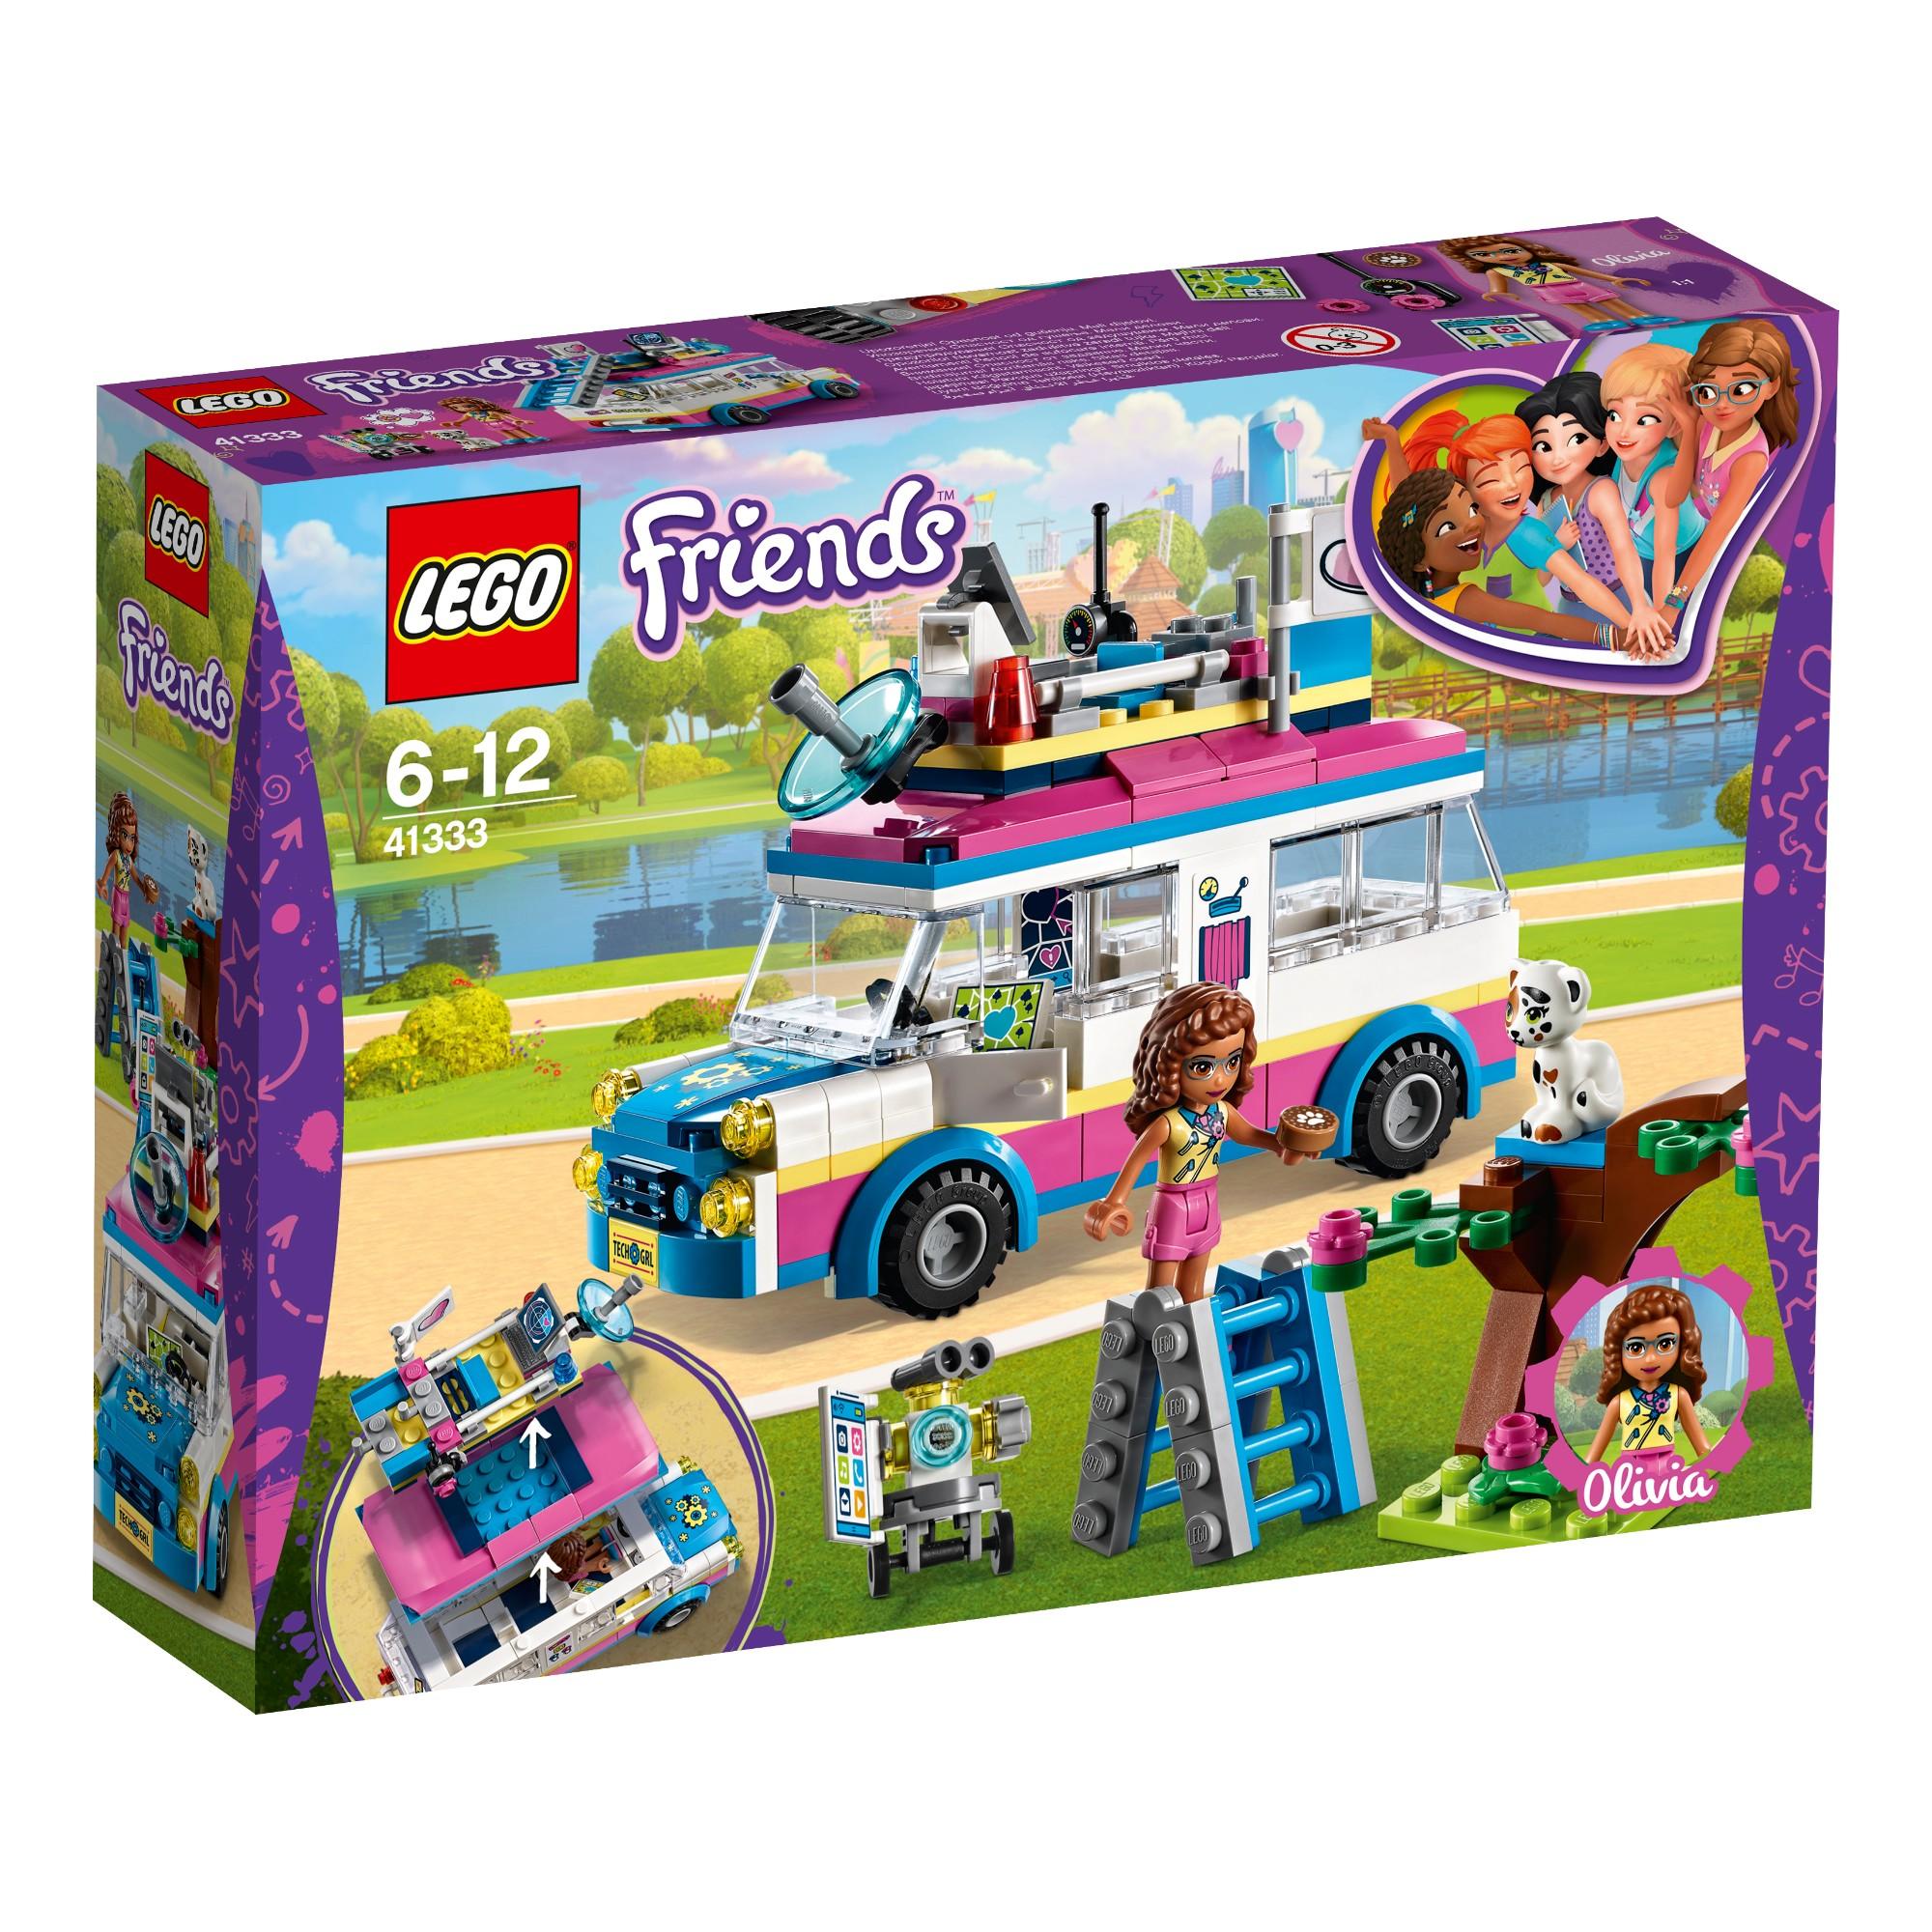 Konstruktorius LEGO FRIENDS Olivia užduočių automobilis 6-12 metų vaikams (41333)